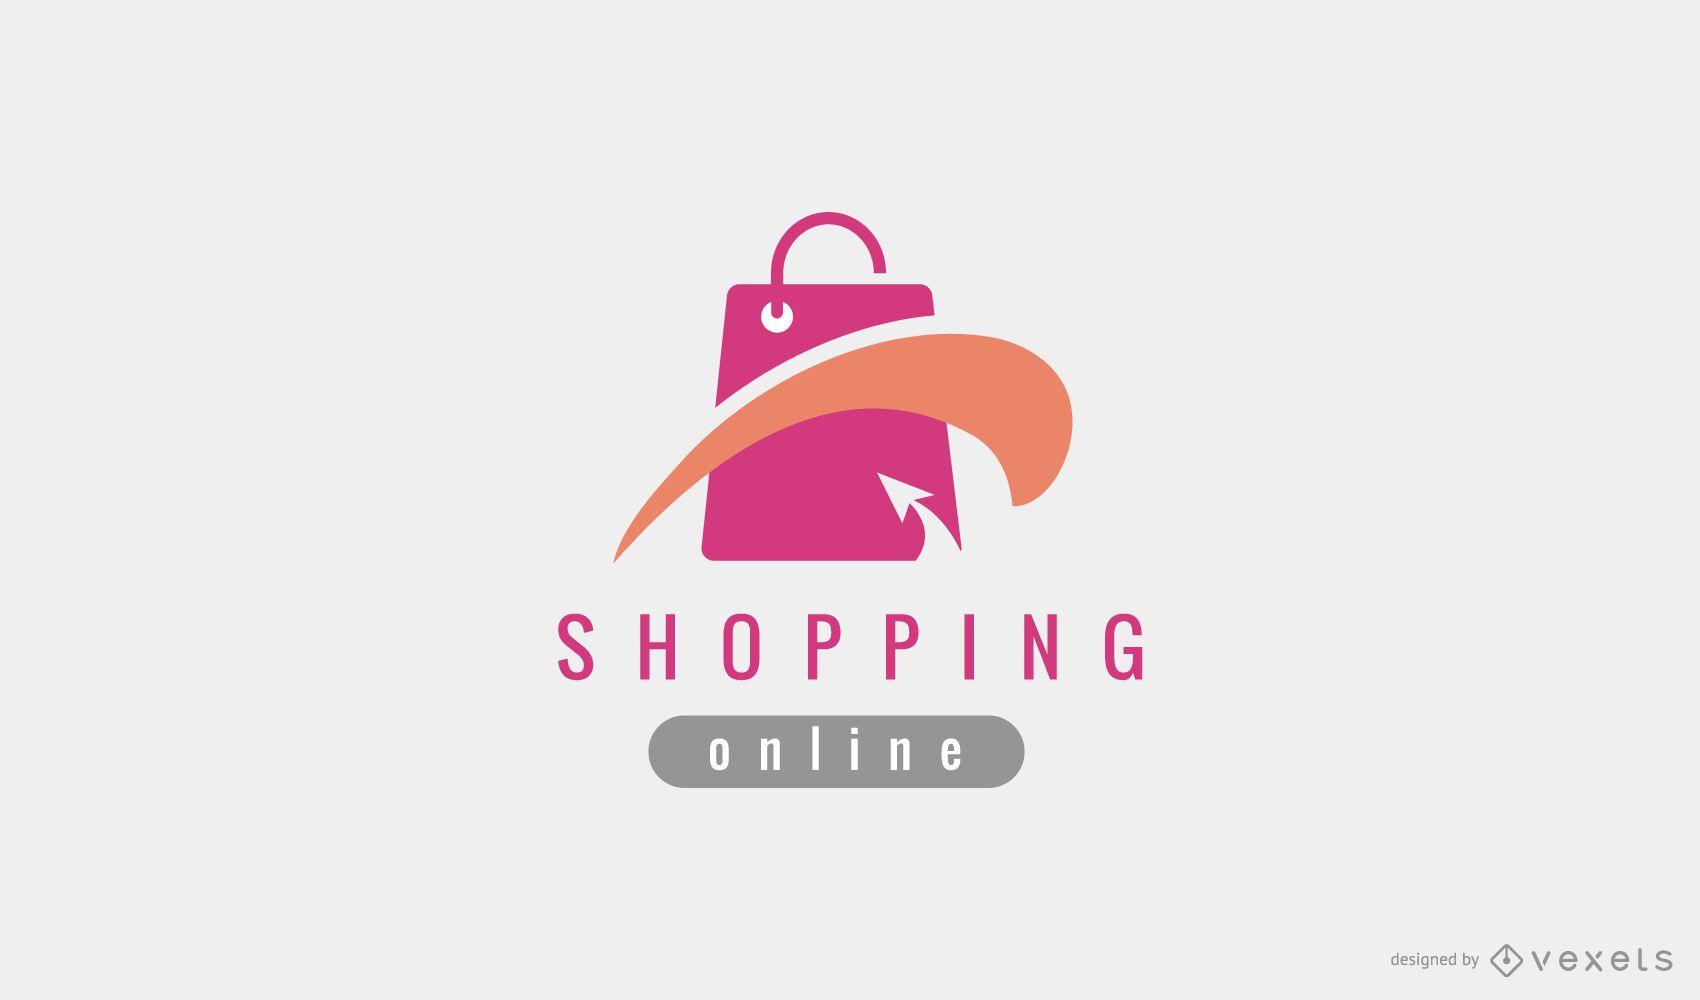 Logotipo editável de sacola de compras online